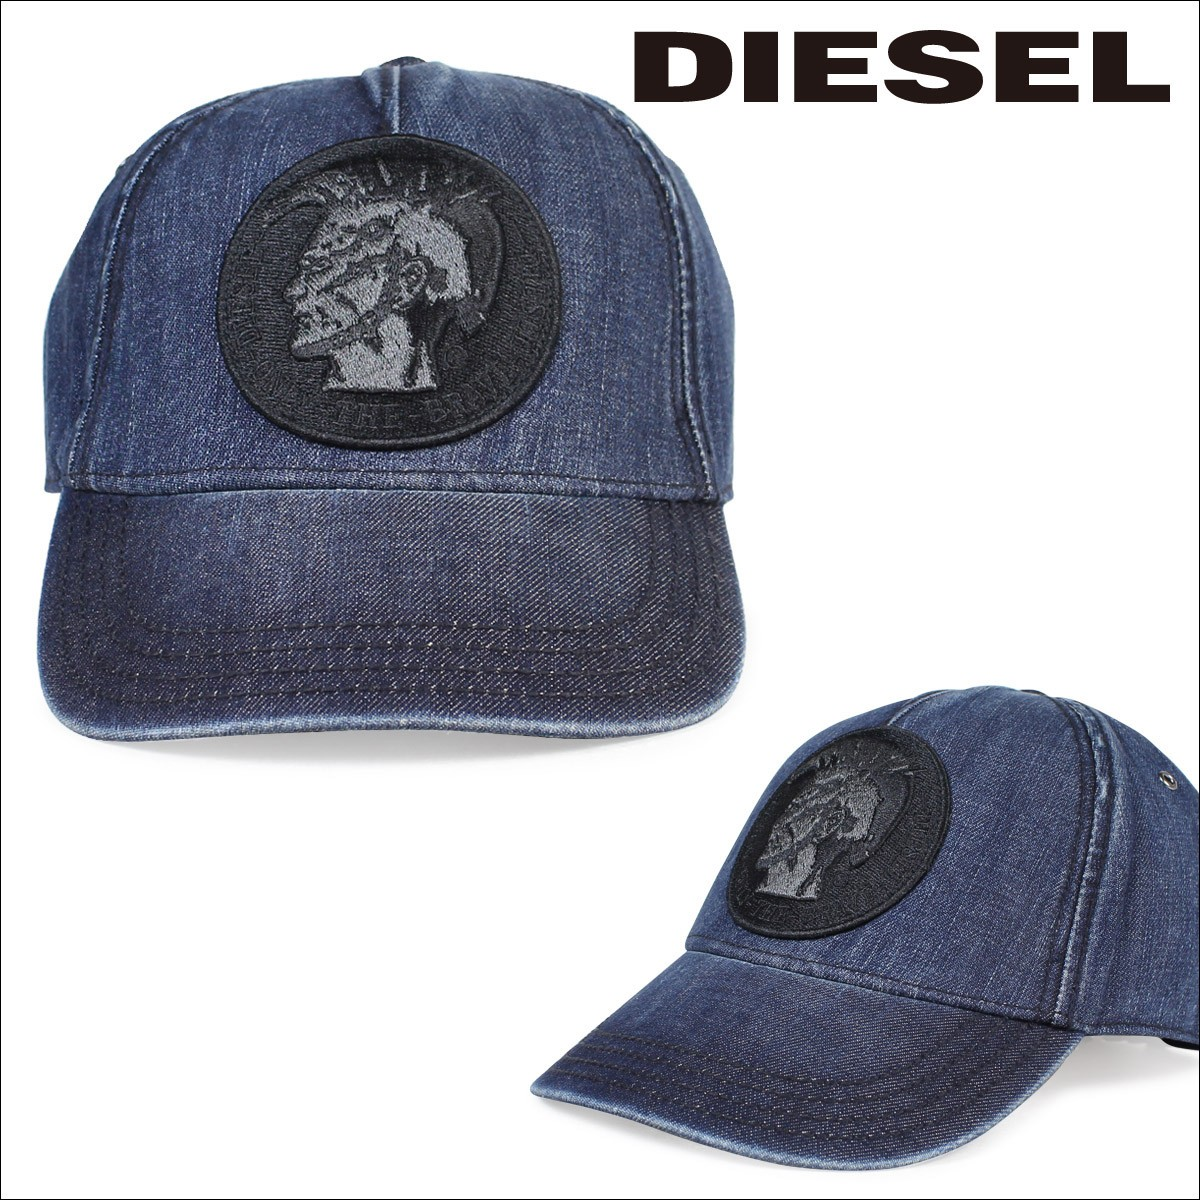 ディーゼル DIESEL 帽子 キャップ スナップバック メンズ レディース CATEEN-D HAT 00SP2P0CAMW 01UNI インディゴブルー